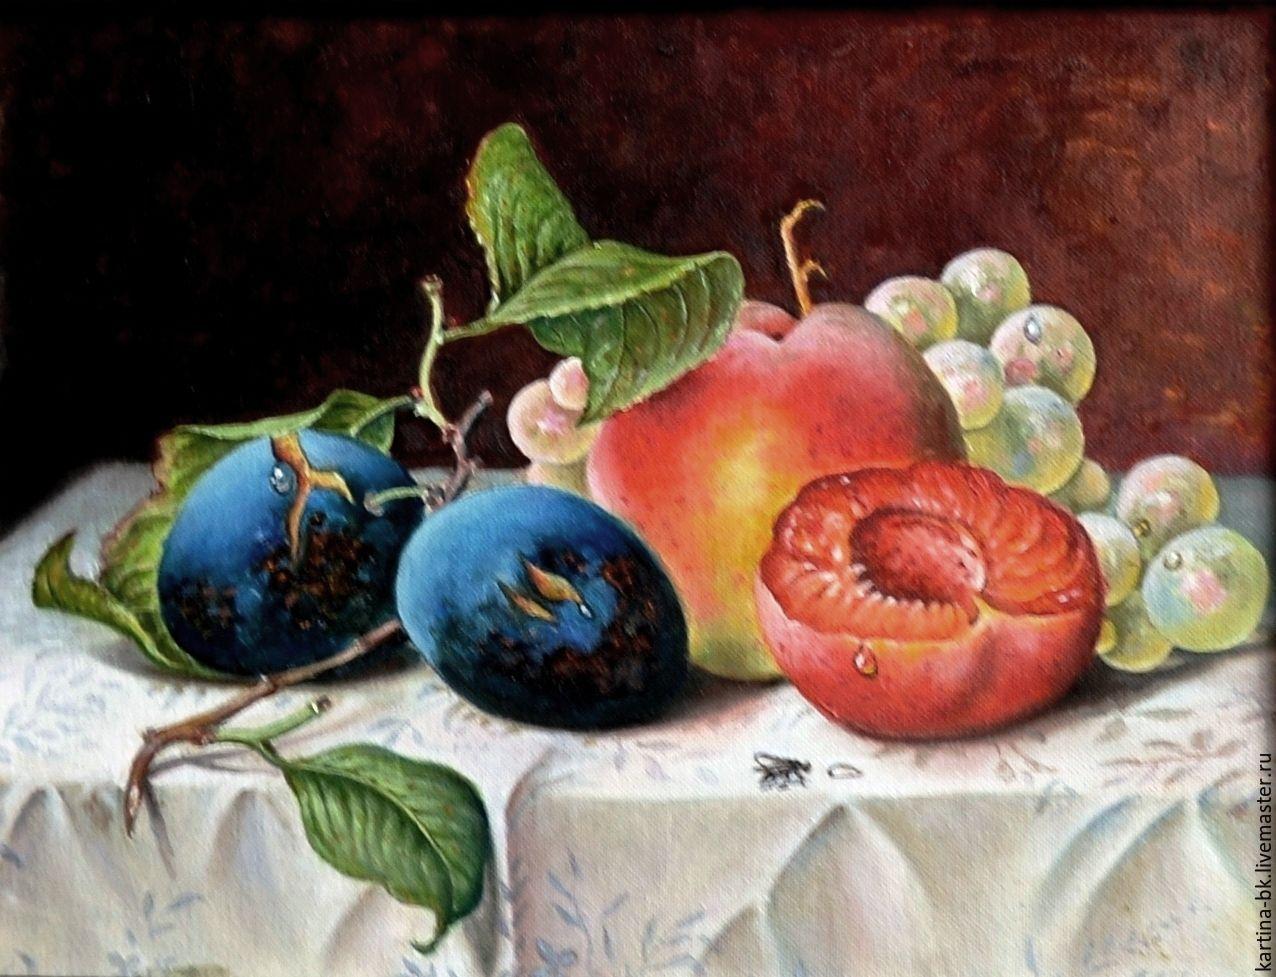 Натюрморт ручной работы. Ярмарка Мастеров - ручная работа. Купить Натюрморт с фруктами. Handmade. Натюрморт, сливы, масло